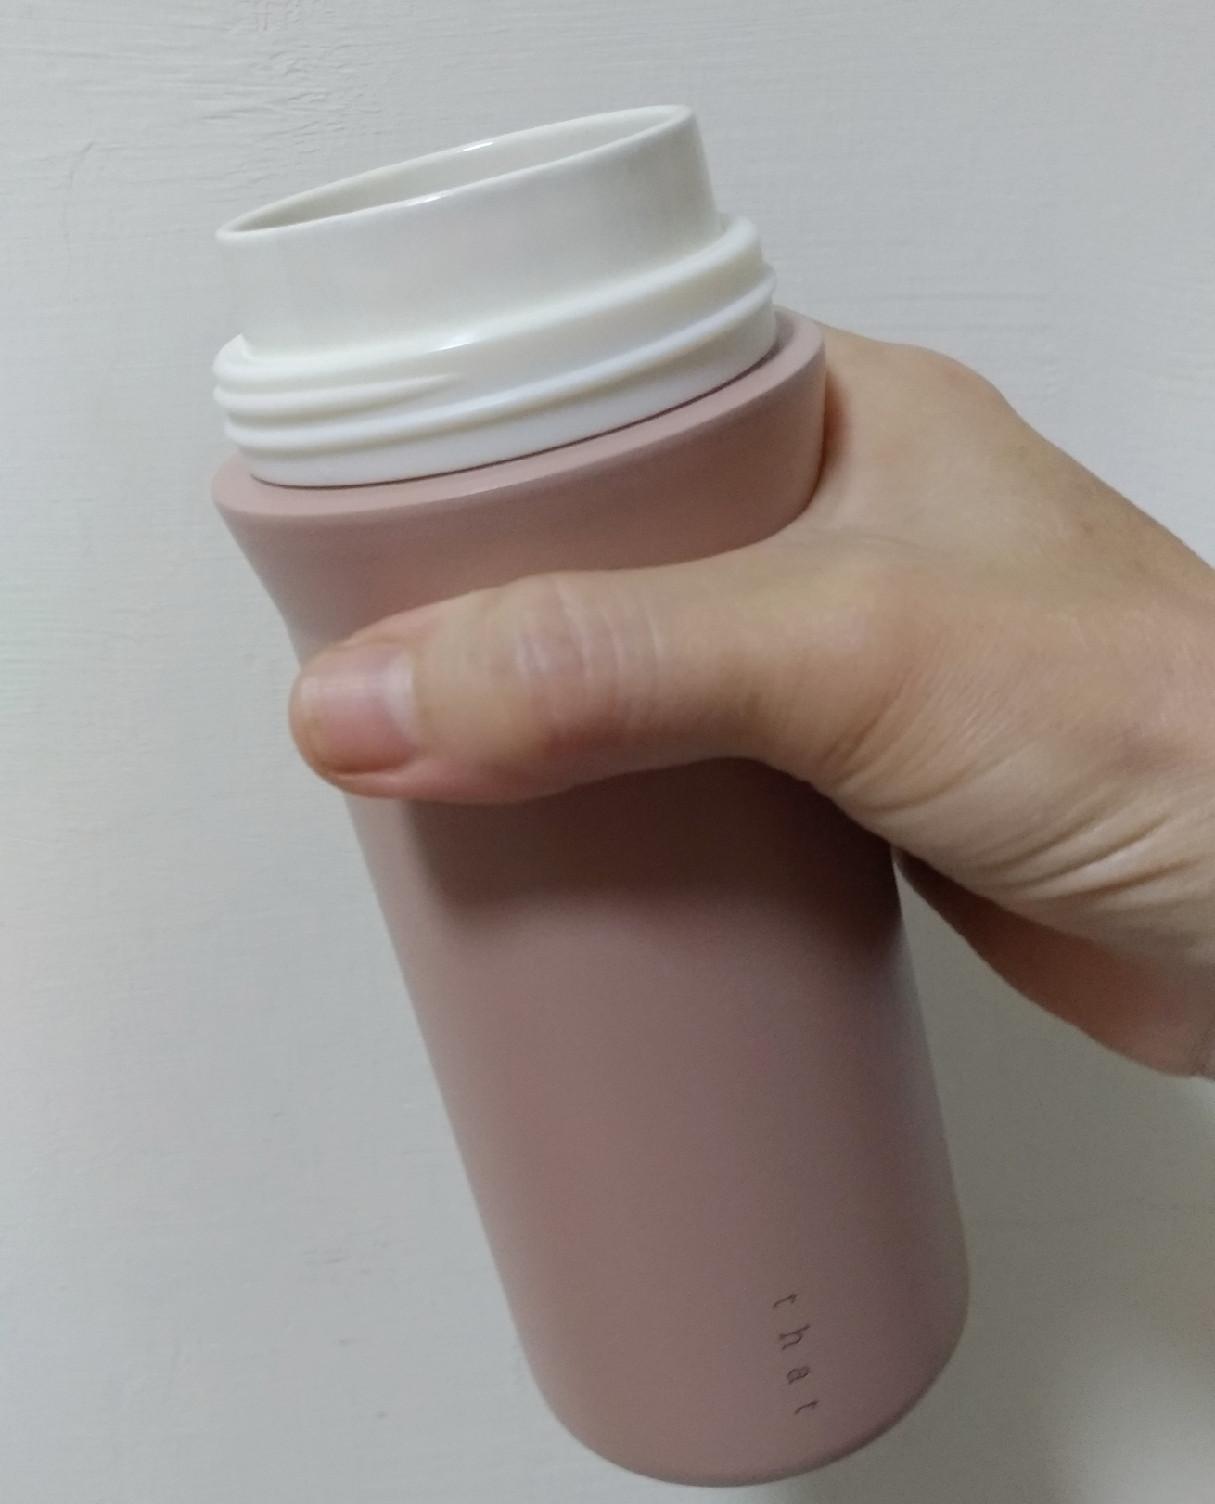 「奇想杯」讓你喝任何飲品都放心!的第 3 張圖片